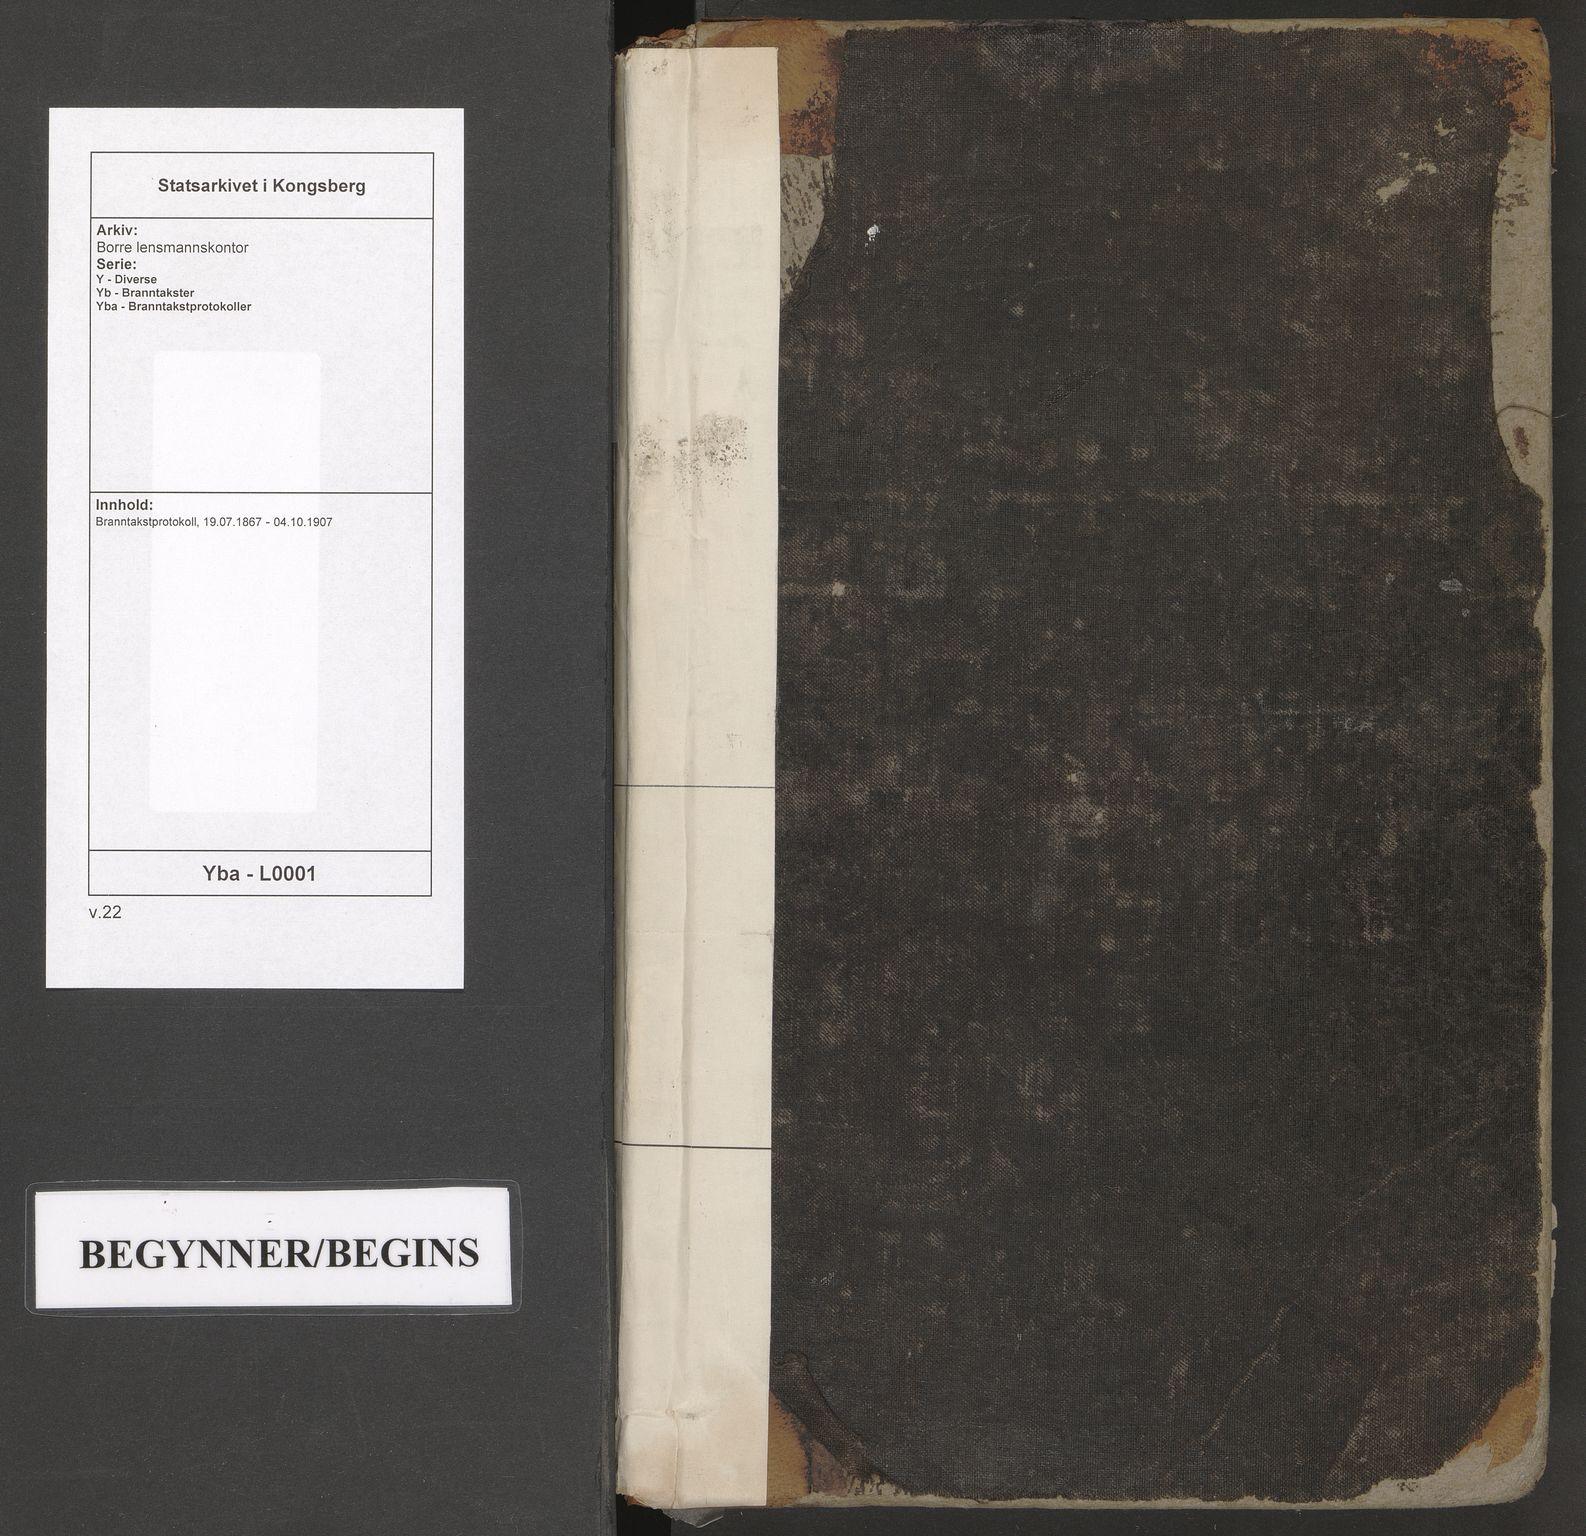 SAKO, Borre lensmannskontor, Y/Yb/Yba/L0001: Branntakstprotokoll, 1867-1907